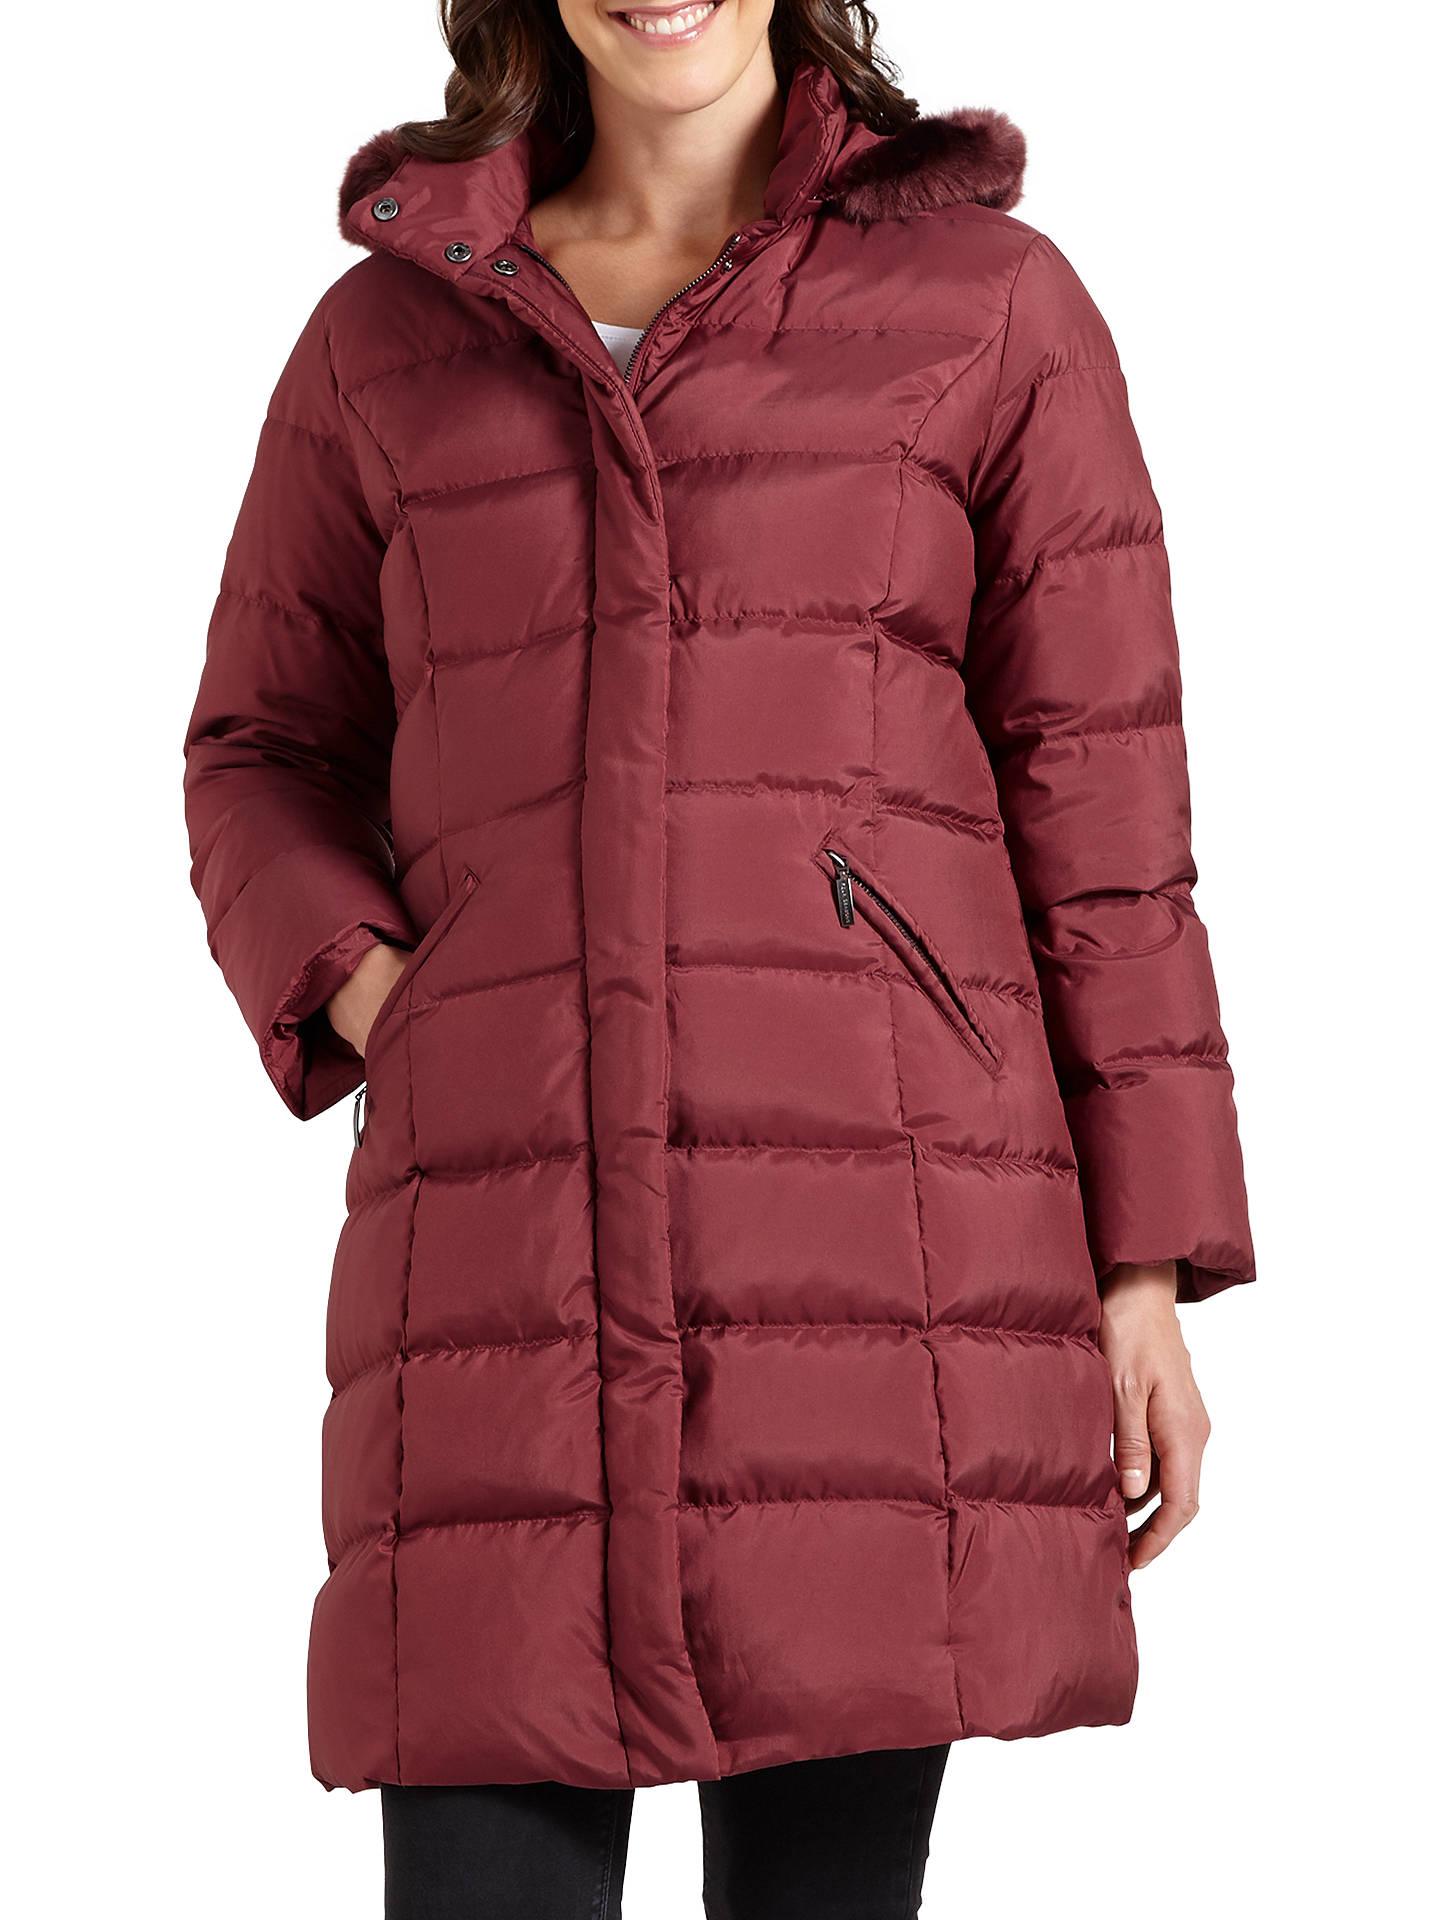 BuyFour Seasons Puffer Coat c665b06ea